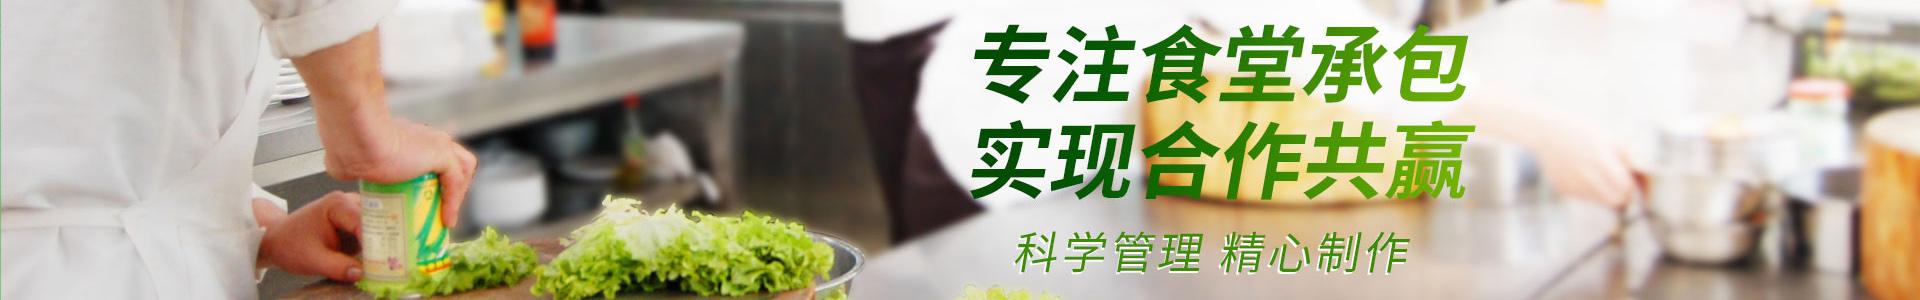 http://www.jinlongfeng.net/data/upload/202101/20210108142841_935.jpg